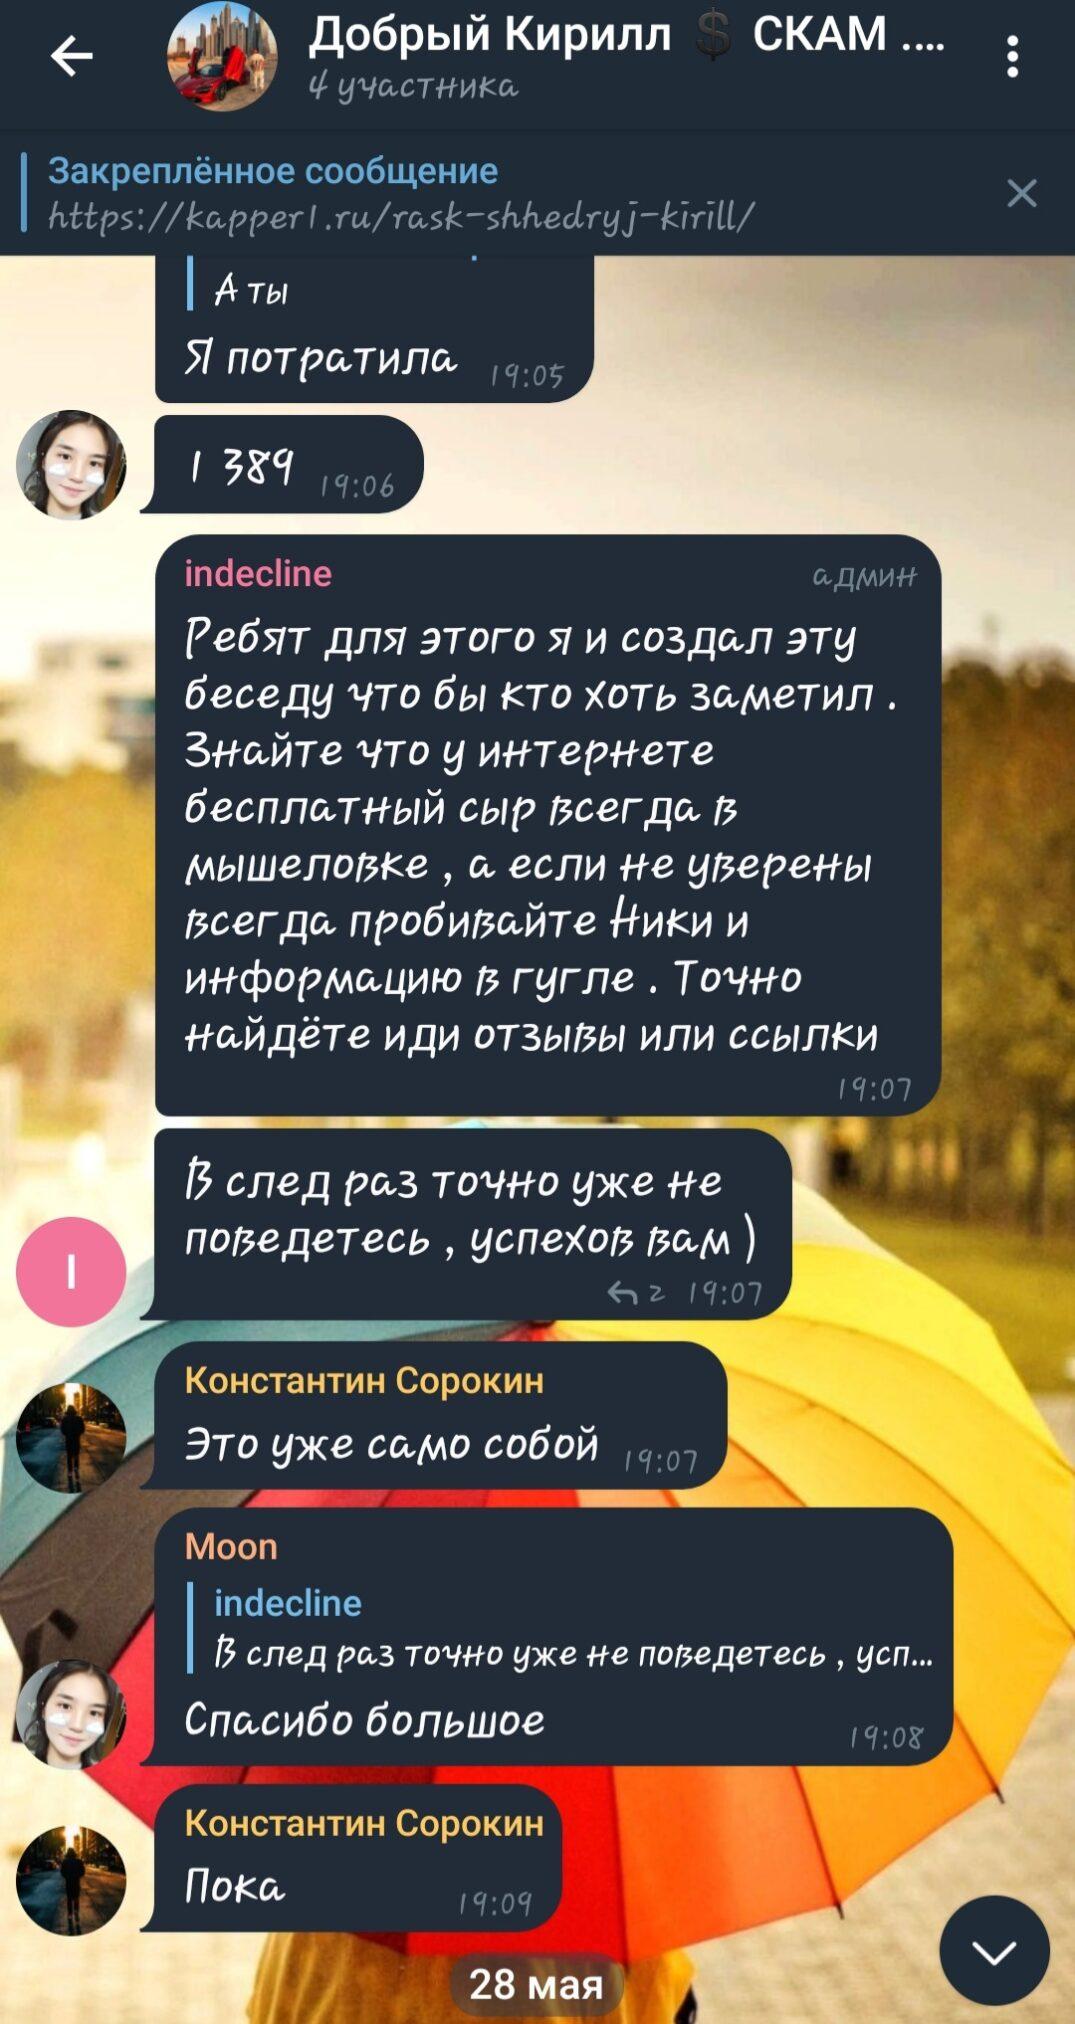 Добрый Кирилл - отзывы